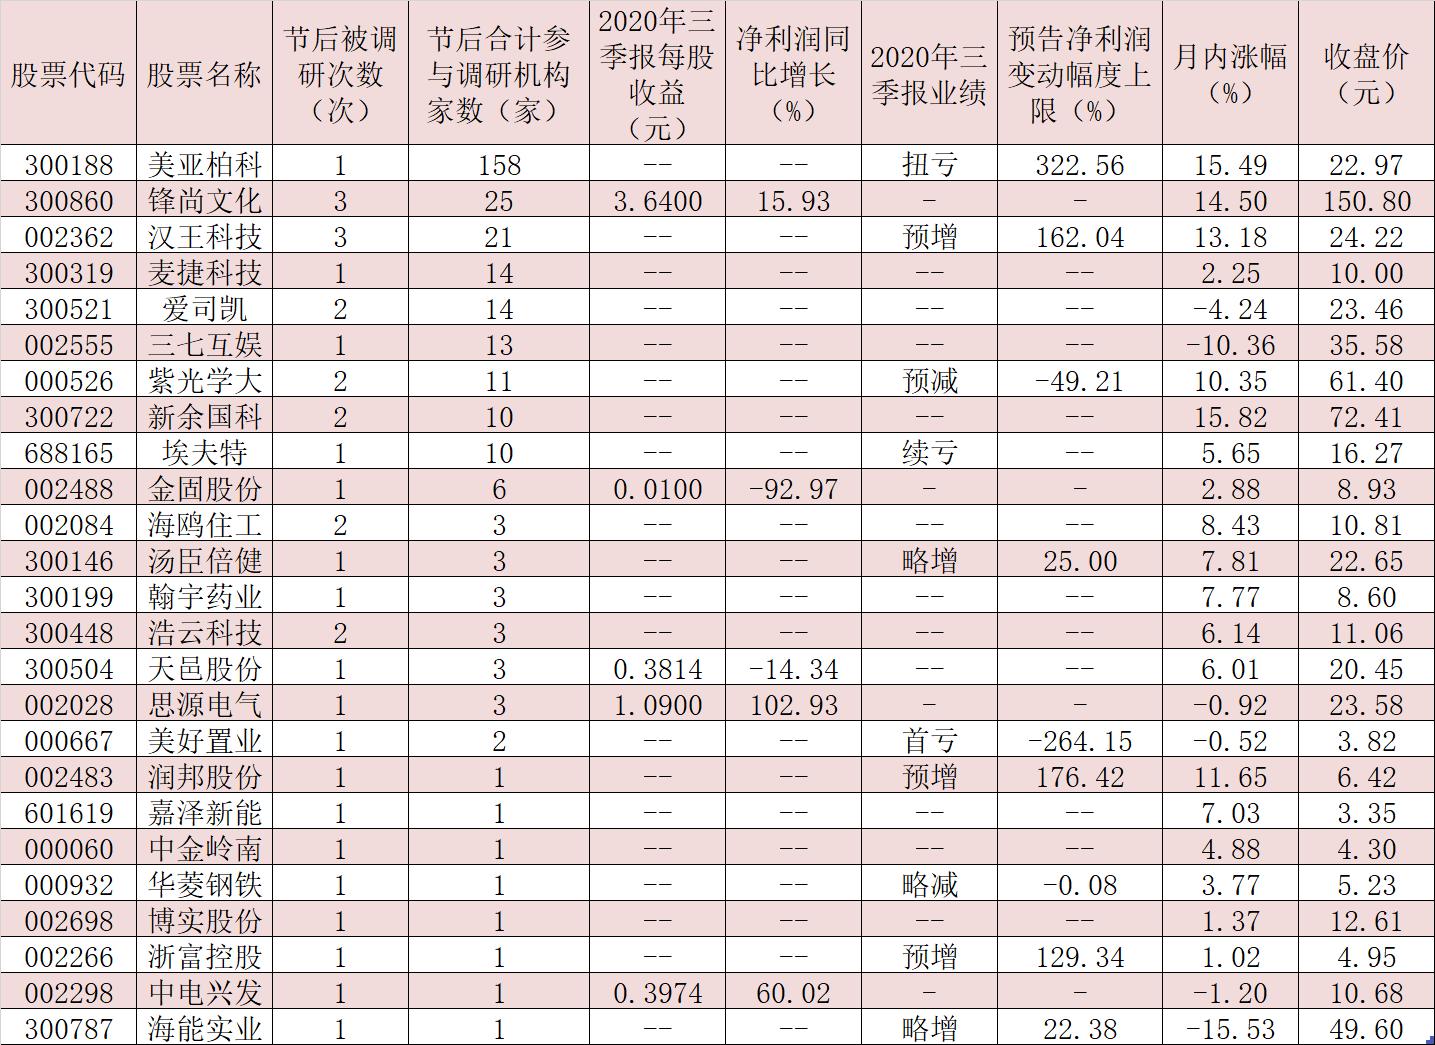 《【超越注册平台】节后机构密集调研25家公司 6只三季报预喜股引关注》